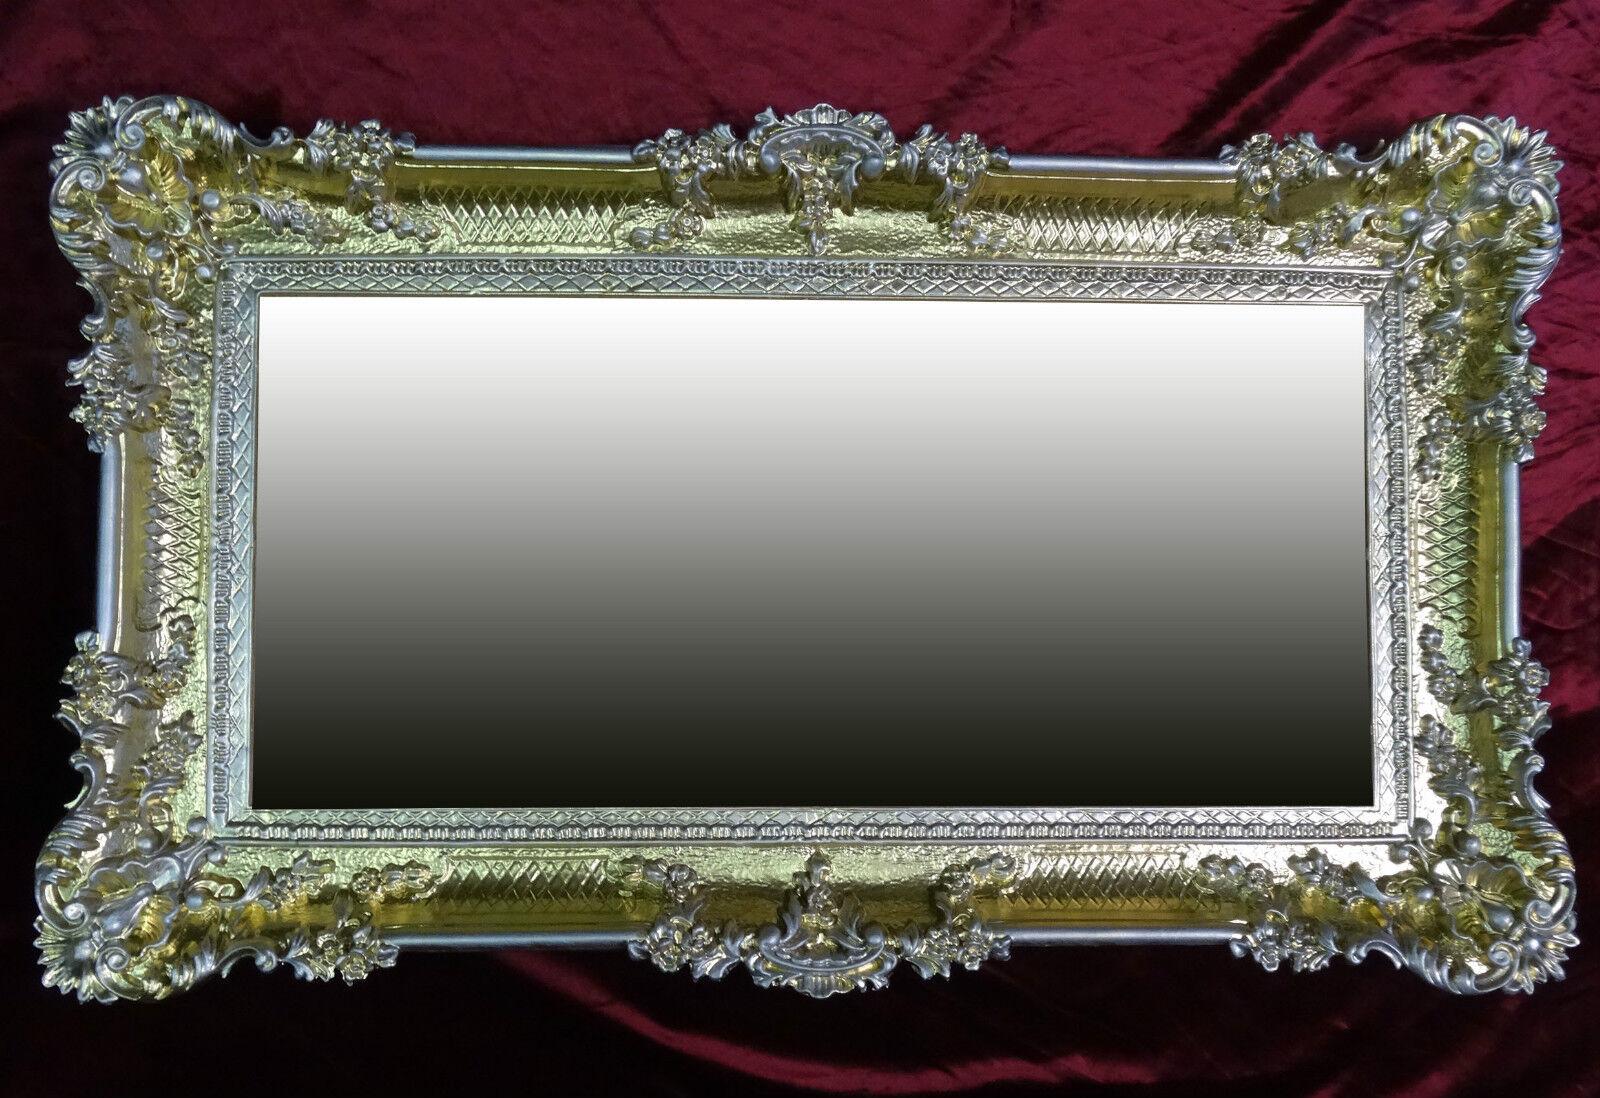 xxl wandspiegel rechteckig gold silber barock wanddeko antik spiegel 96x57 wow ebay. Black Bedroom Furniture Sets. Home Design Ideas